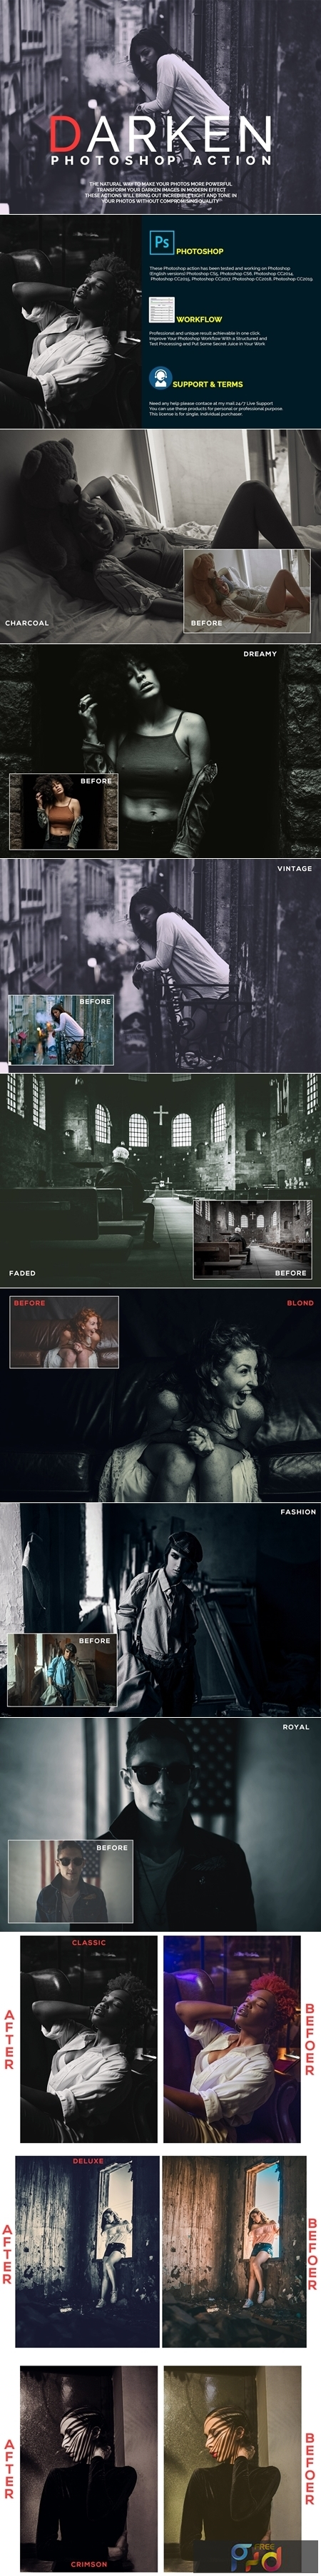 Darken Photoshop Actions 4308915 1